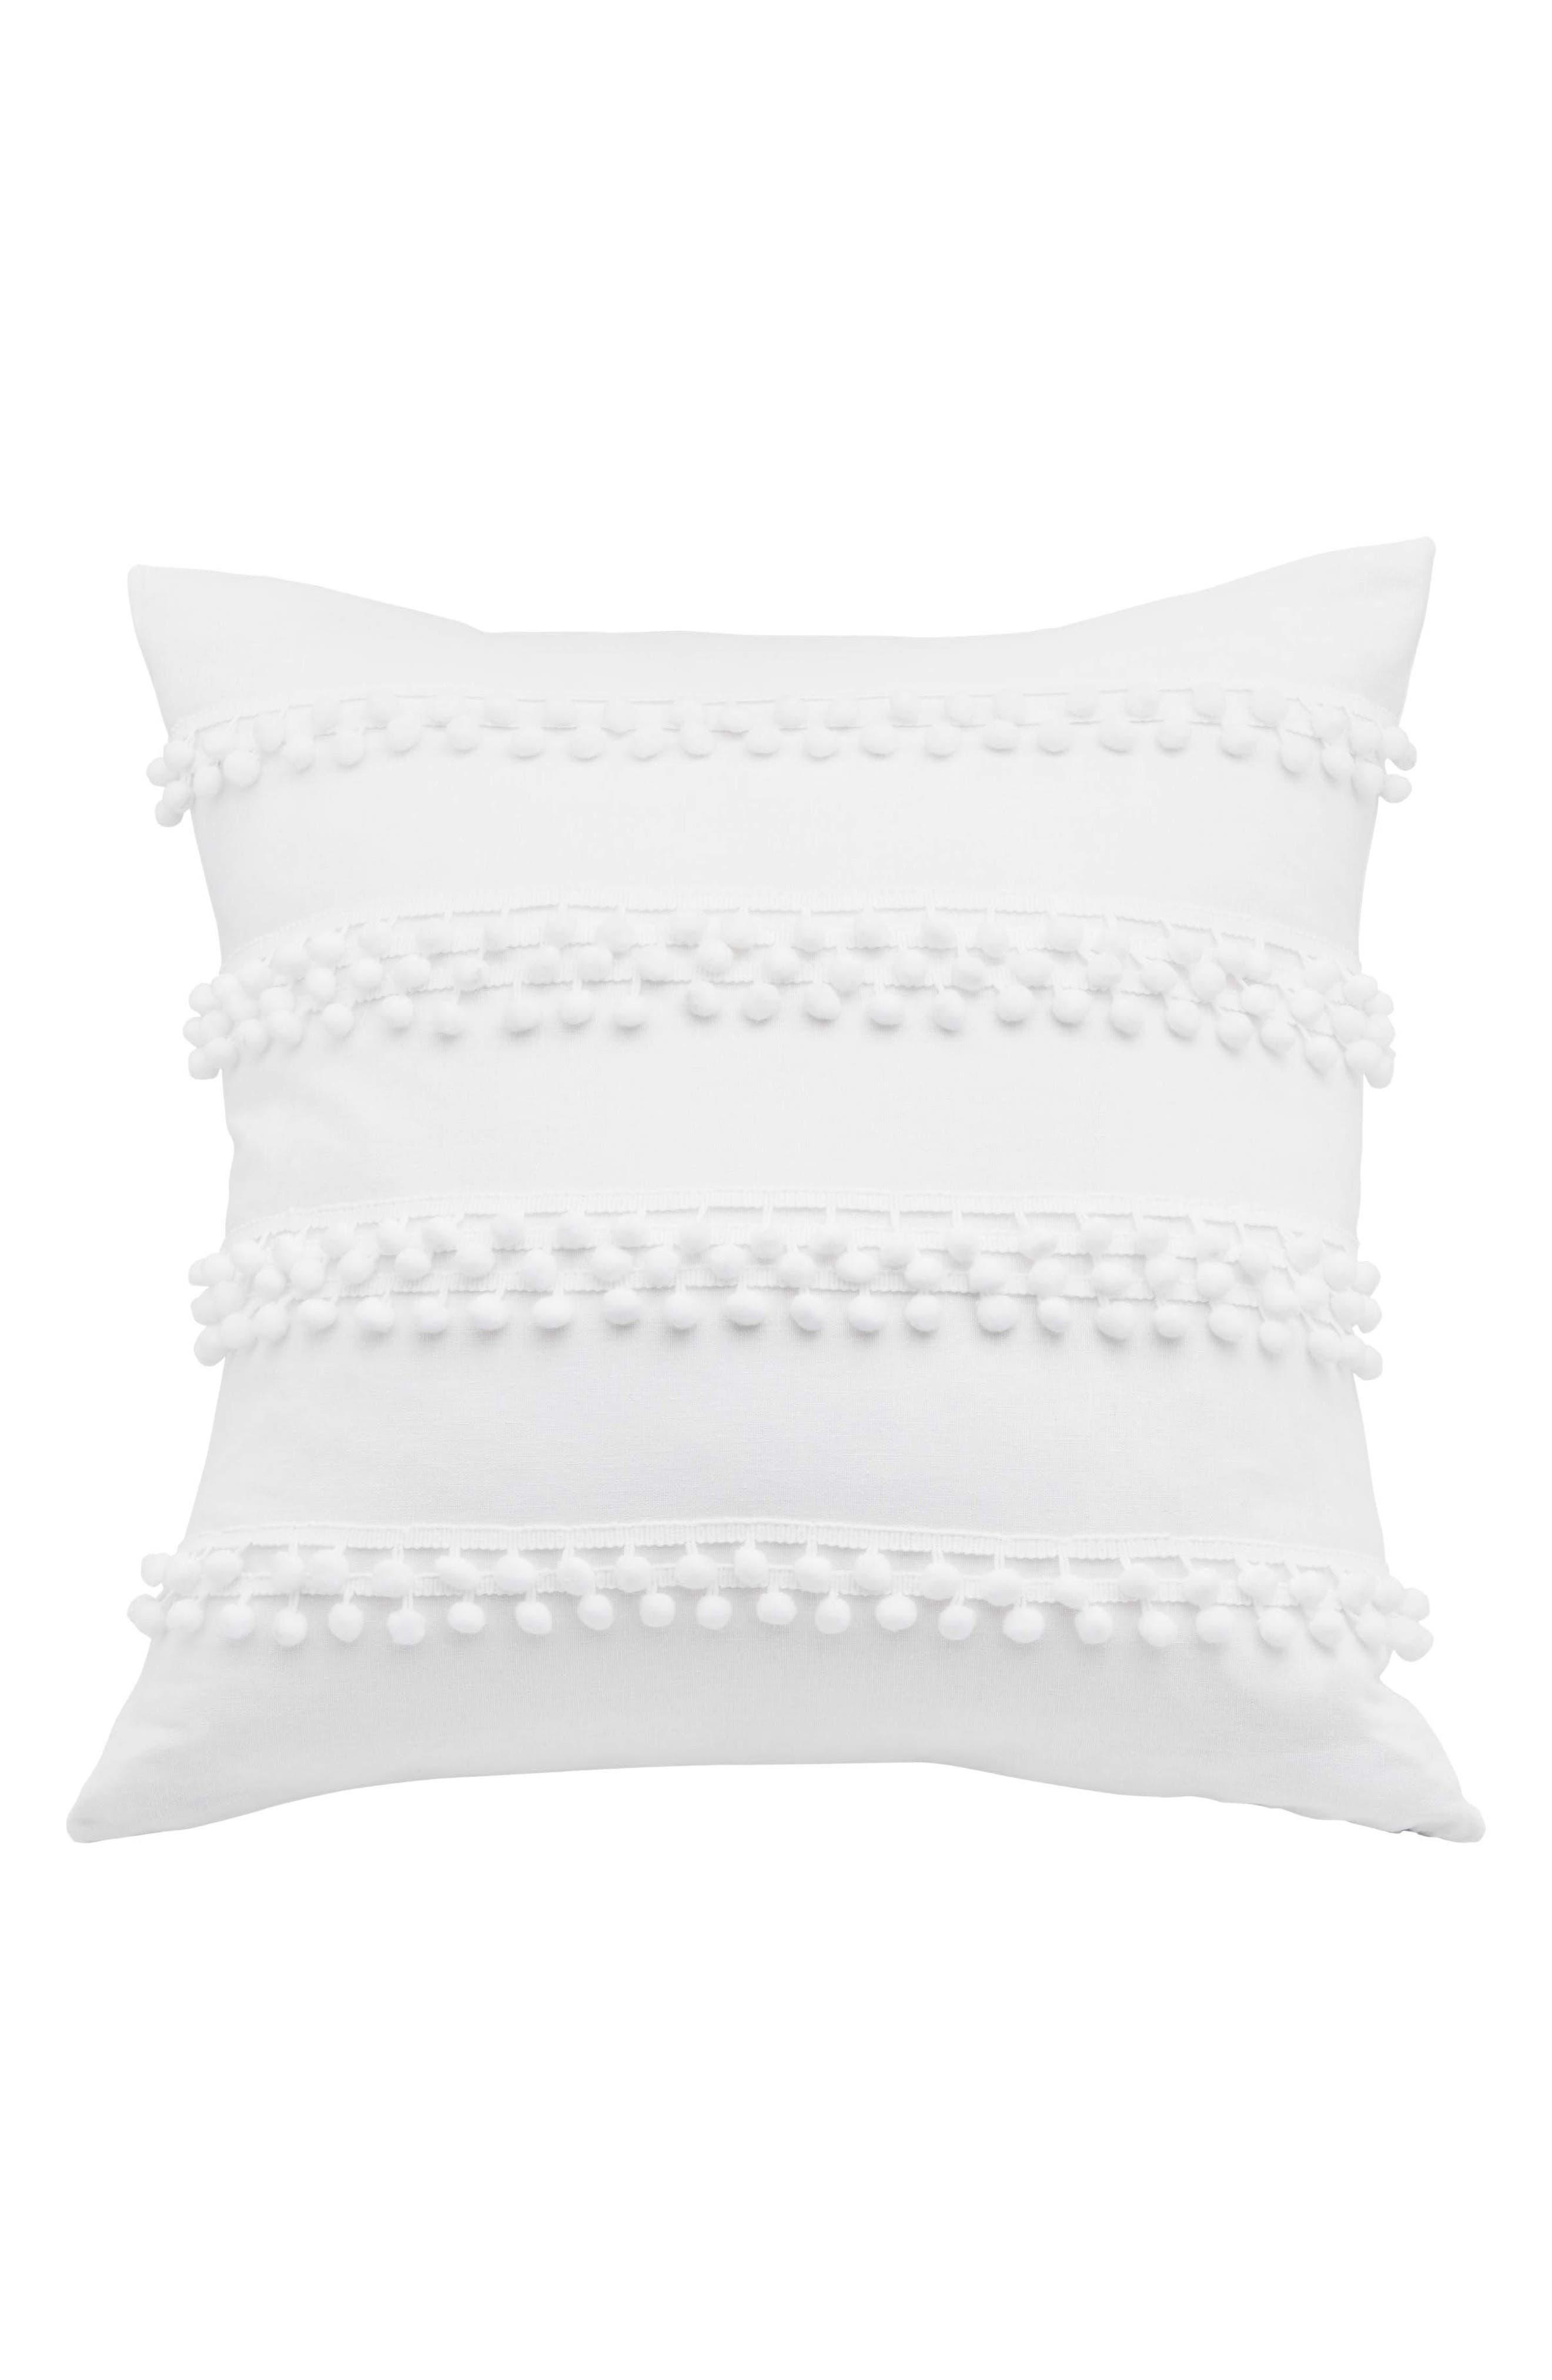 Pompom Square Pillow,                         Main,                         color, WHITE